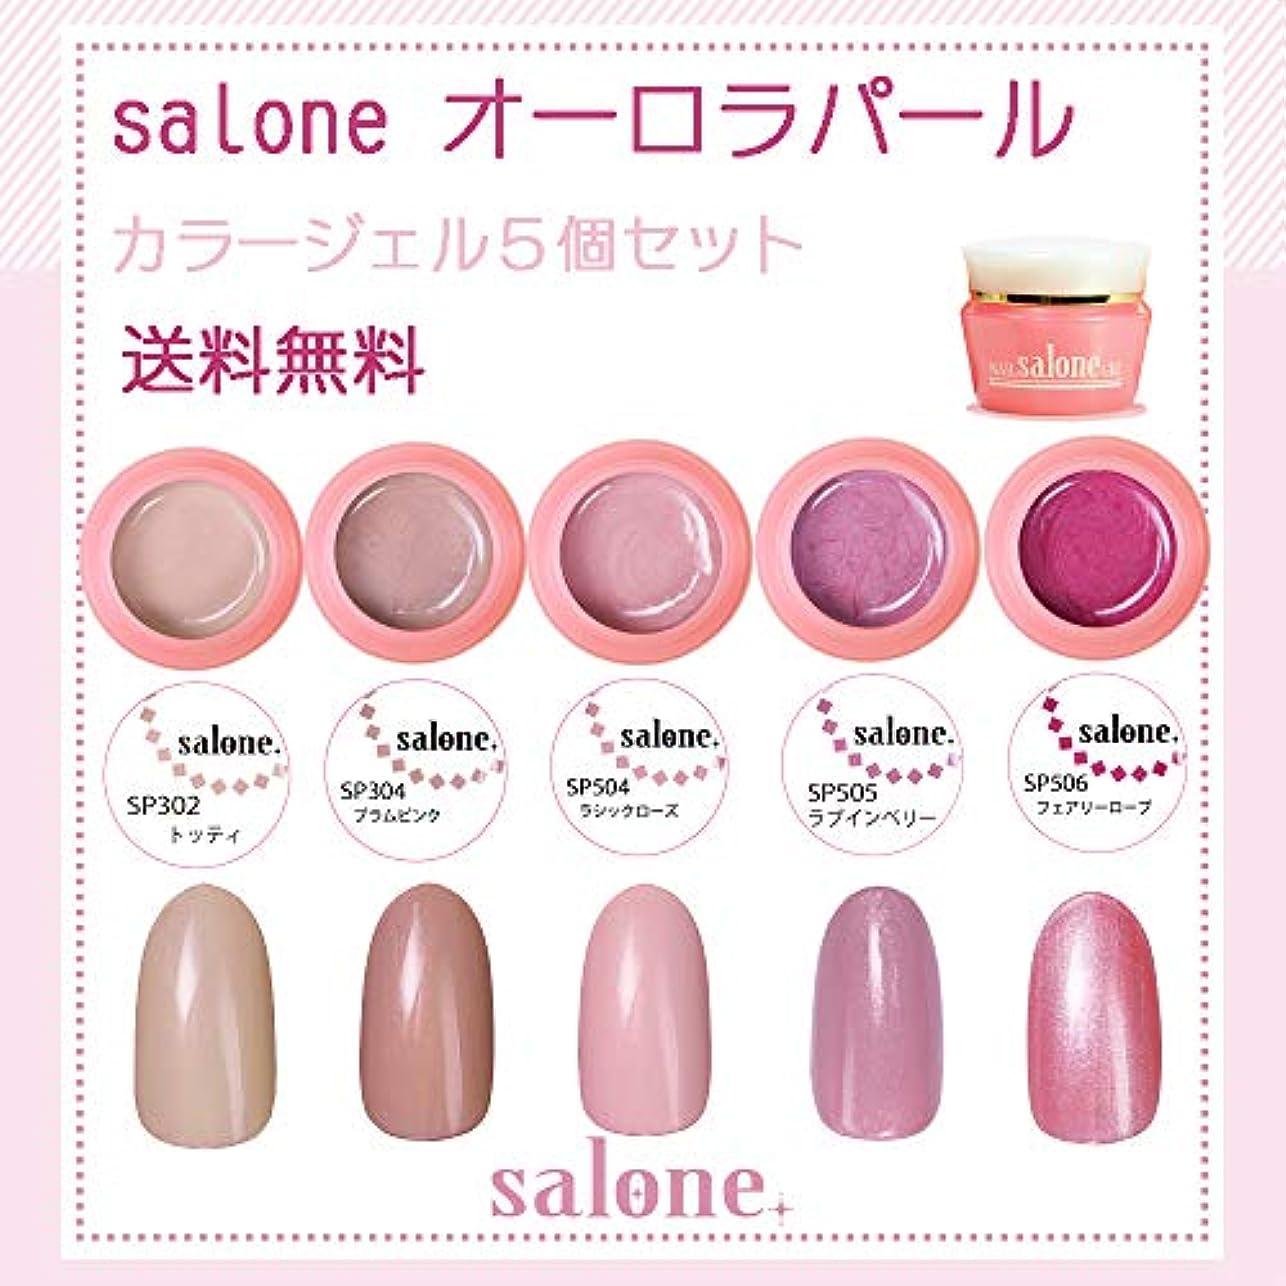 利用可能夫婦極地【送料無料 日本製】Salone オーロラパール カラージェル5個セット上品な輝きのパールカラー